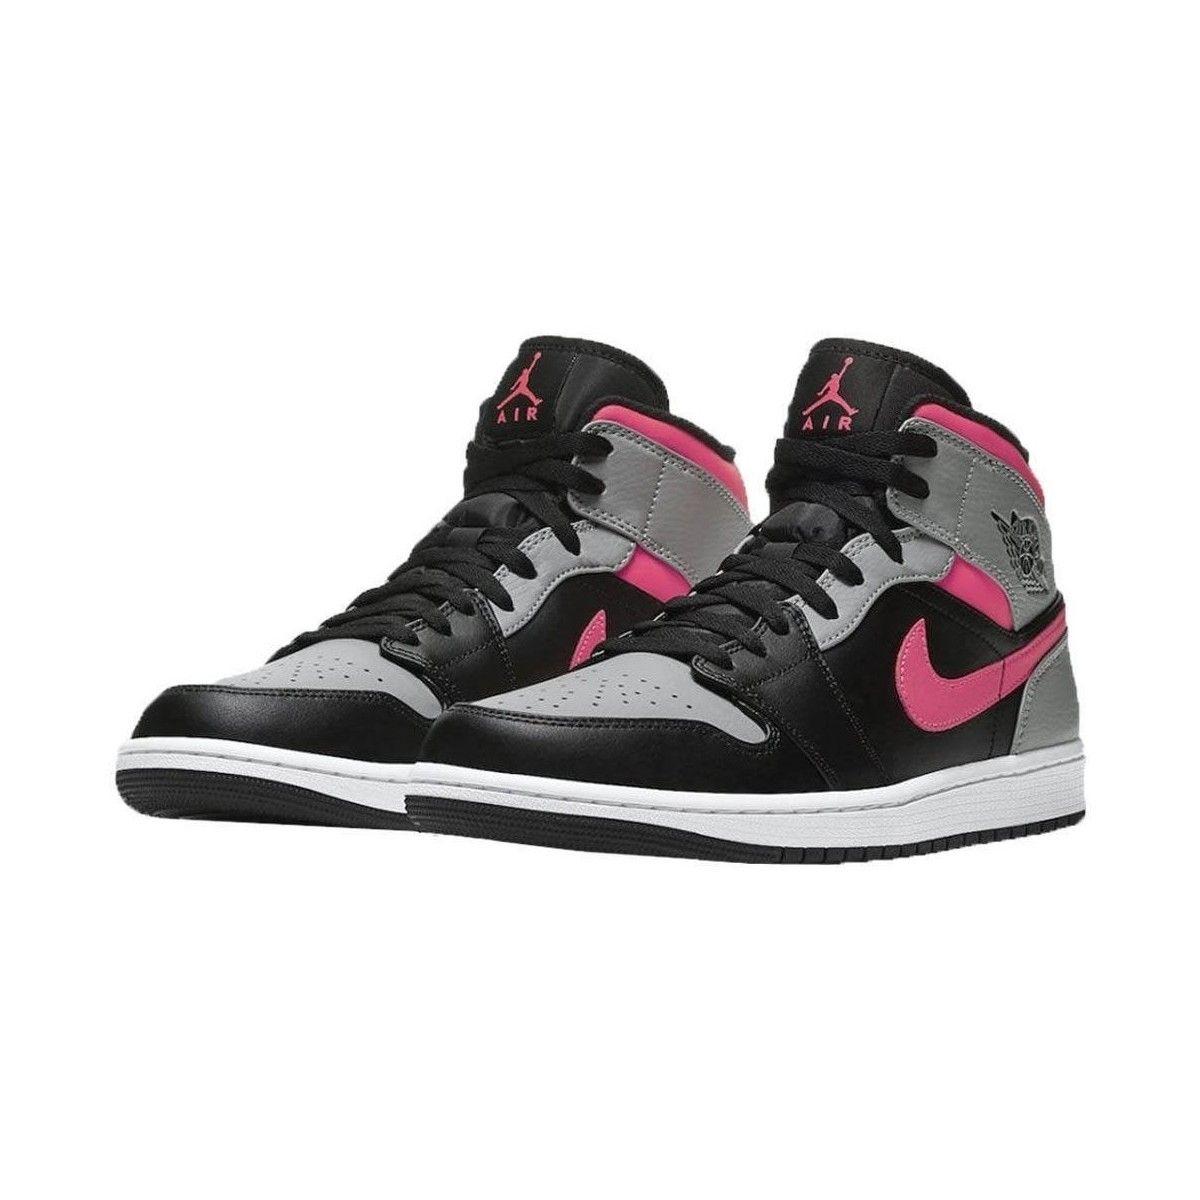 Best Nike Air Jordan 1 Mid Baskets montantes (hommes) - Best Nike Air